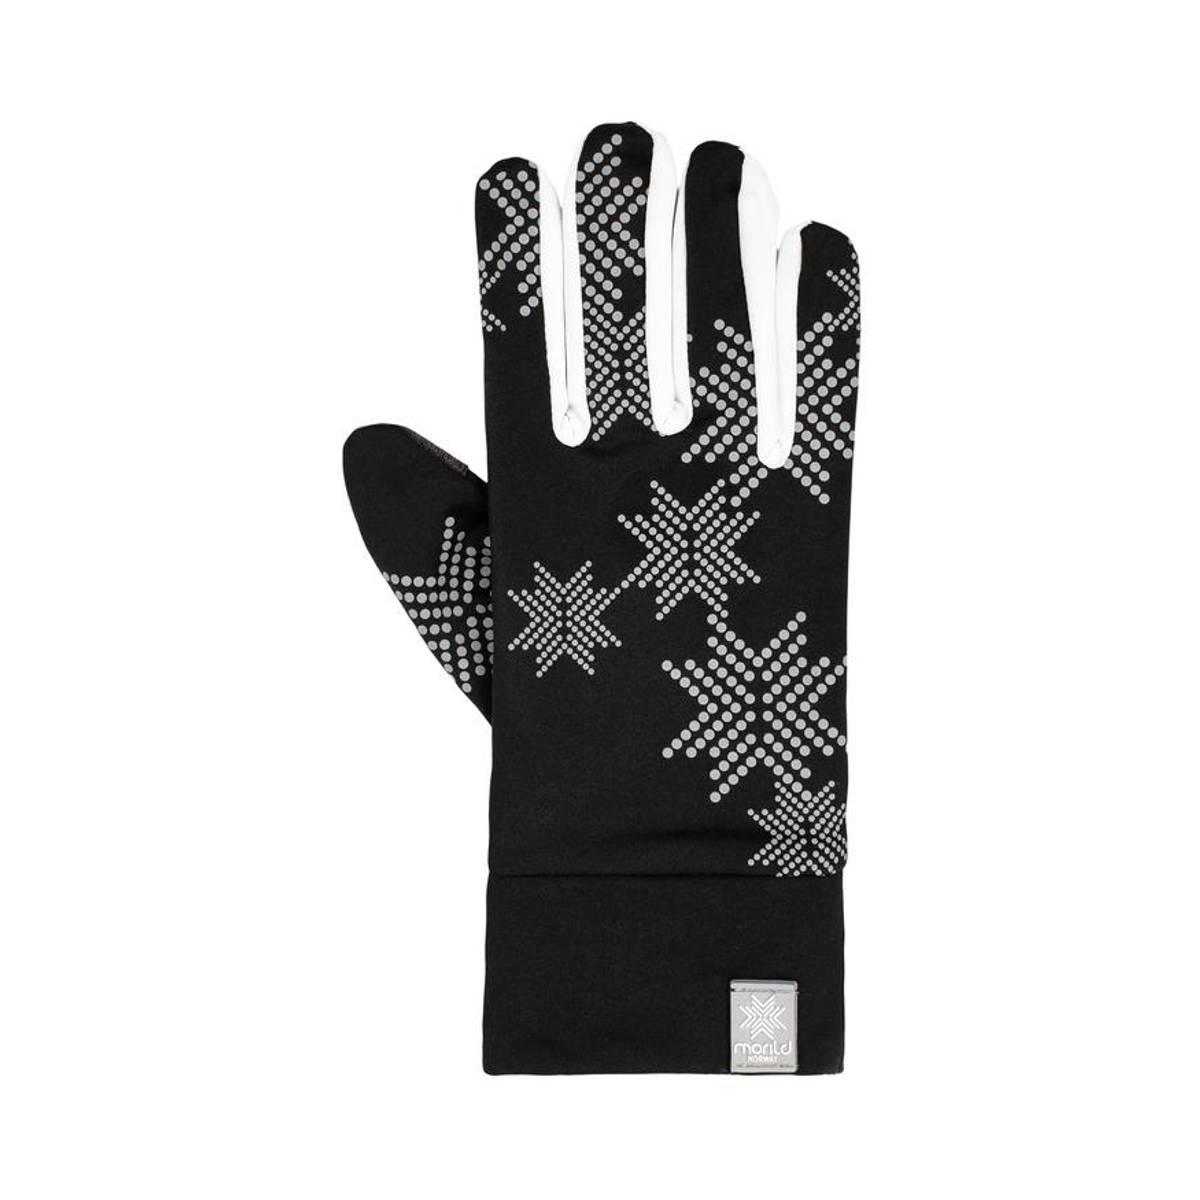 Morild Skimre hanske med refleks, hvit